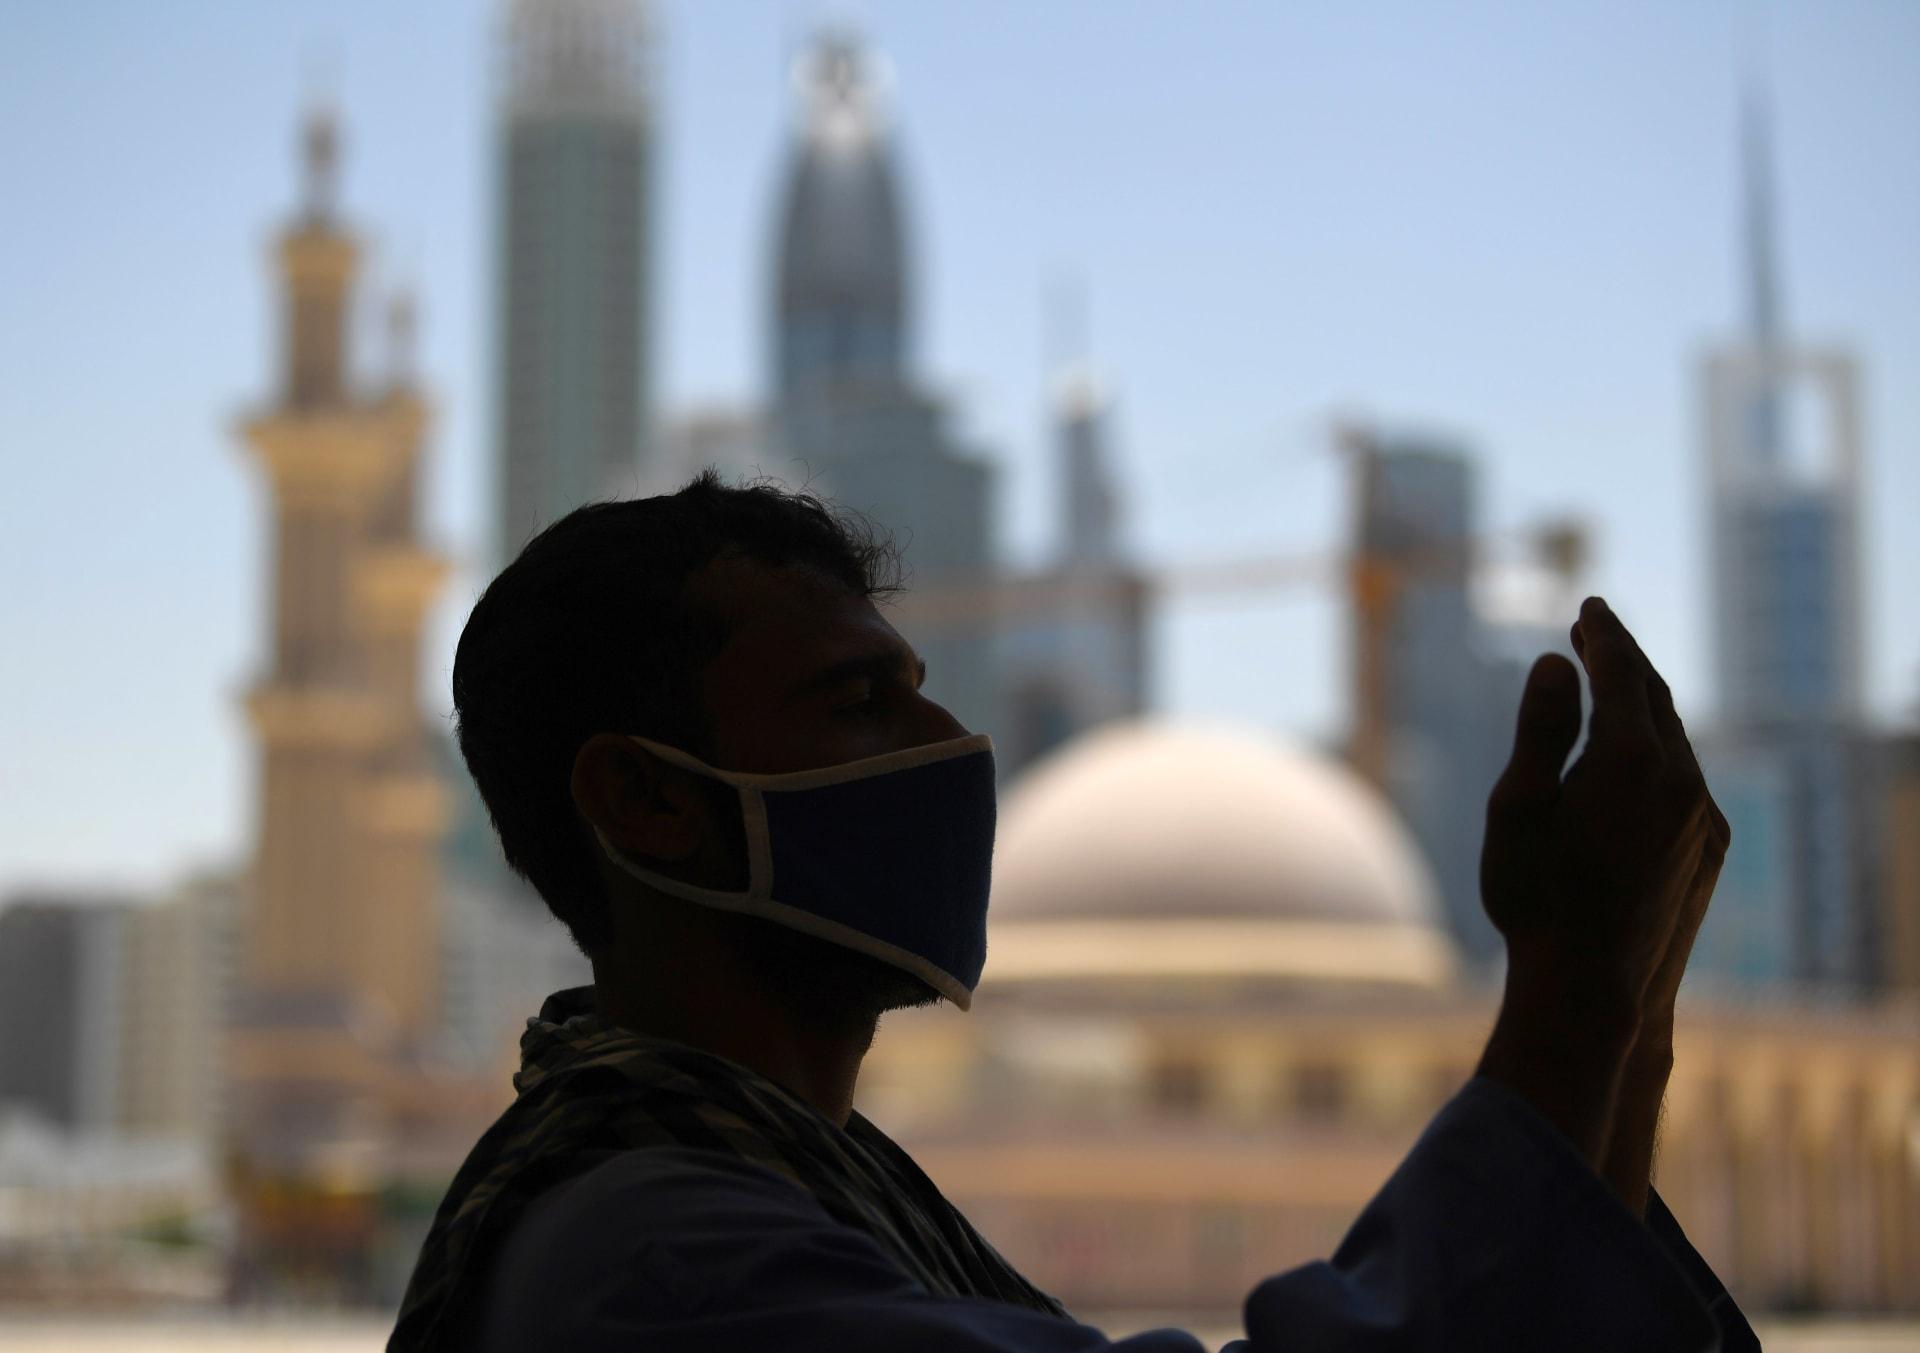 الإمارات.. إعادة افتتاح المساجد لأداء صلاة الجمعة ابتداء من 4 ديسمبر